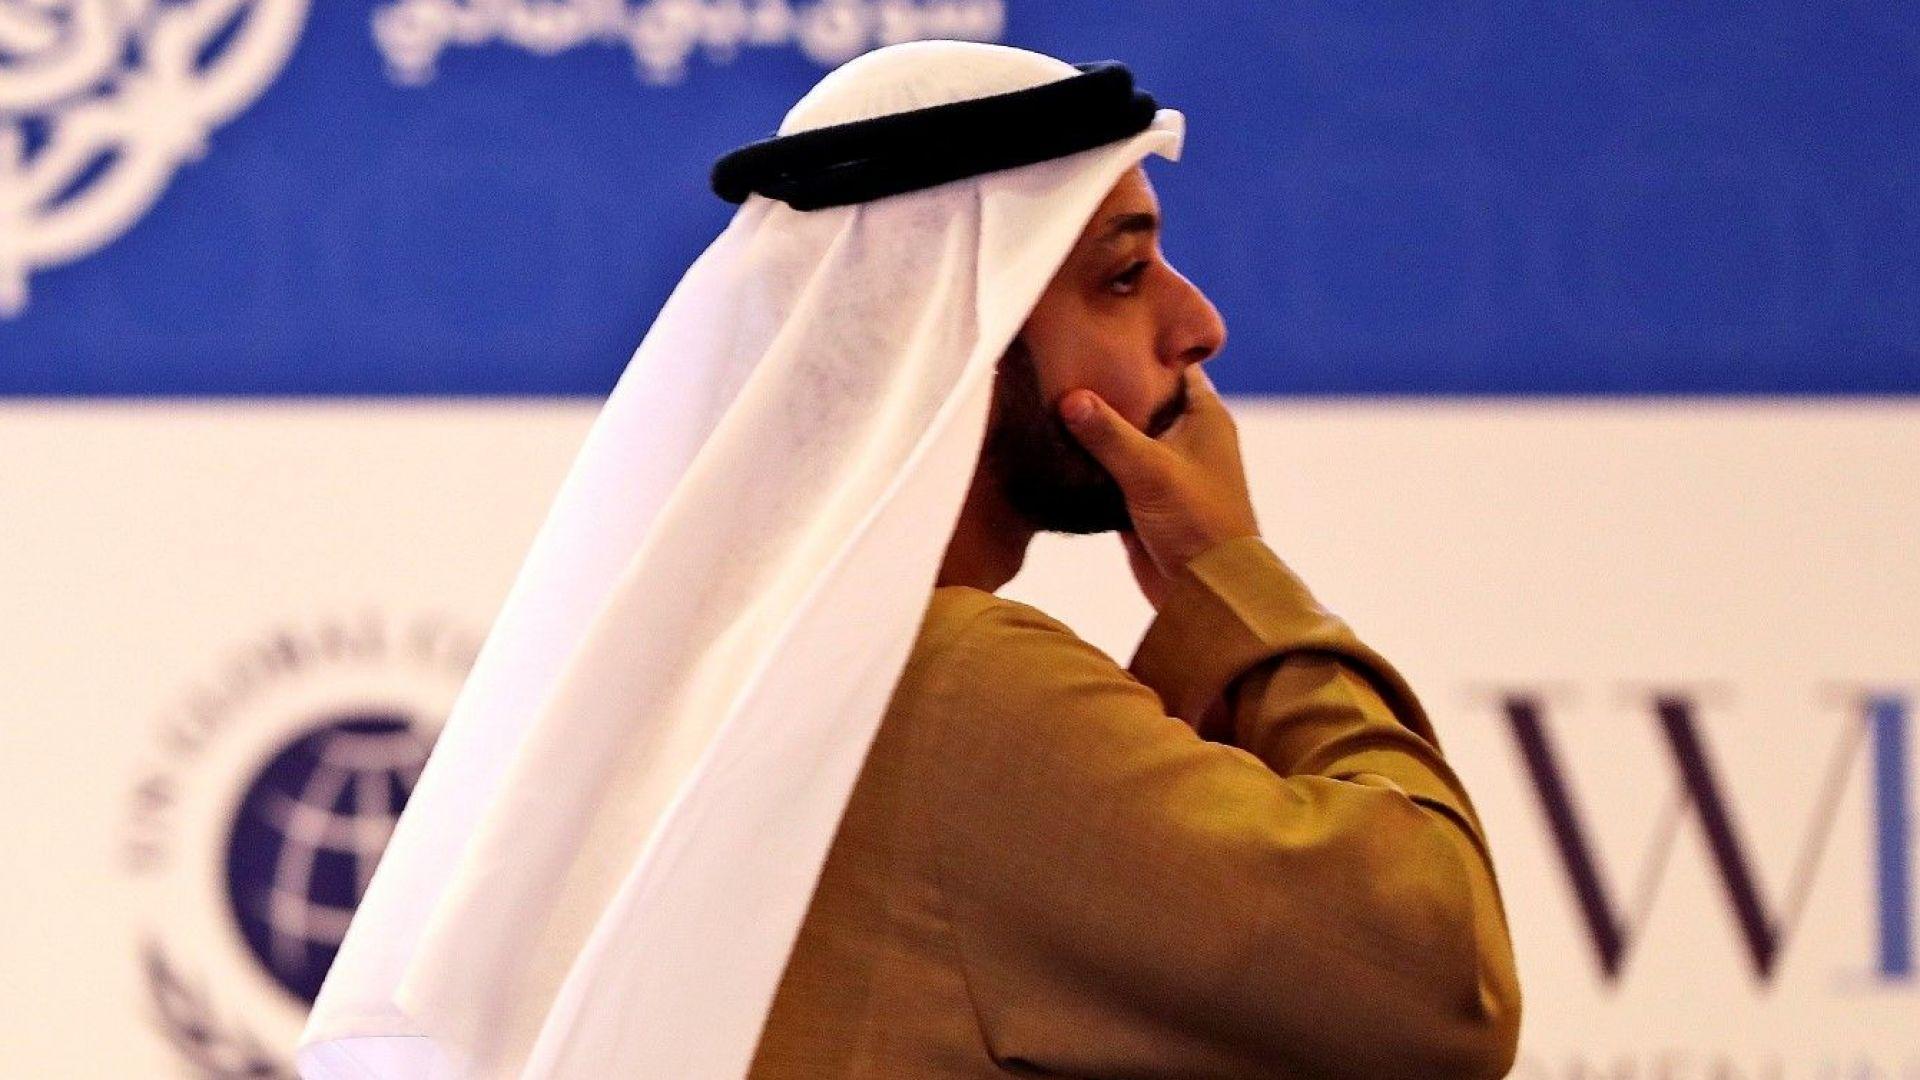 Световното изложение ЕКСПО 2020 в Дубай се отлага с една година